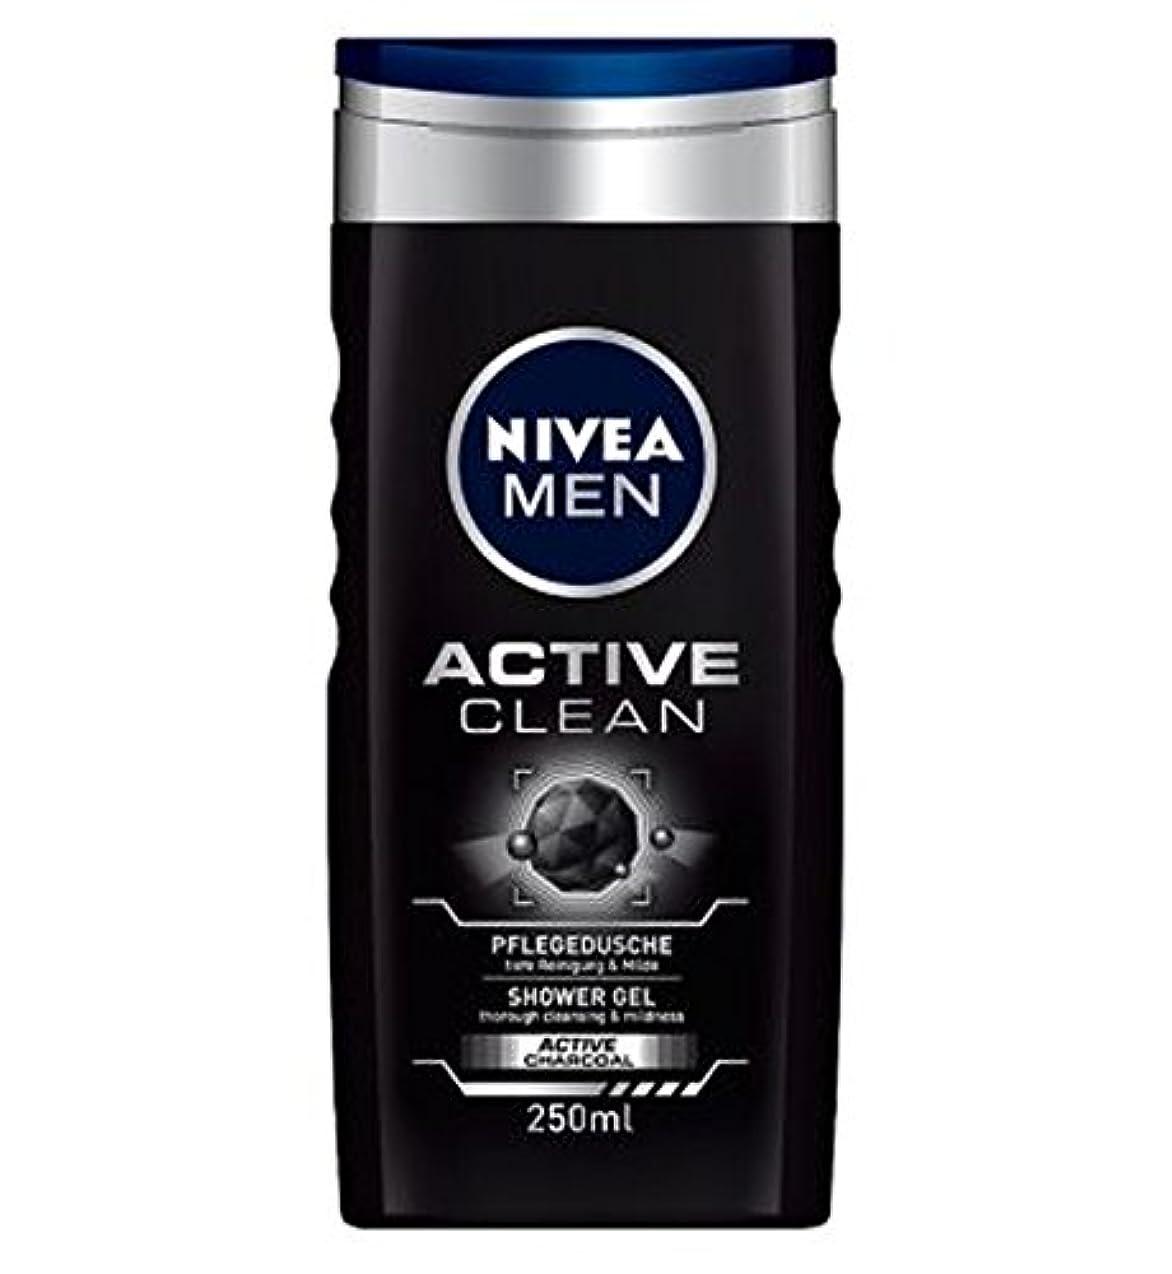 ワークショップワンダージャケットNIVEA MEN Active Clean Shower Gel 250ml - ニベアの男性アクティブクリーンシャワージェル250ミリリットル (Nivea) [並行輸入品]